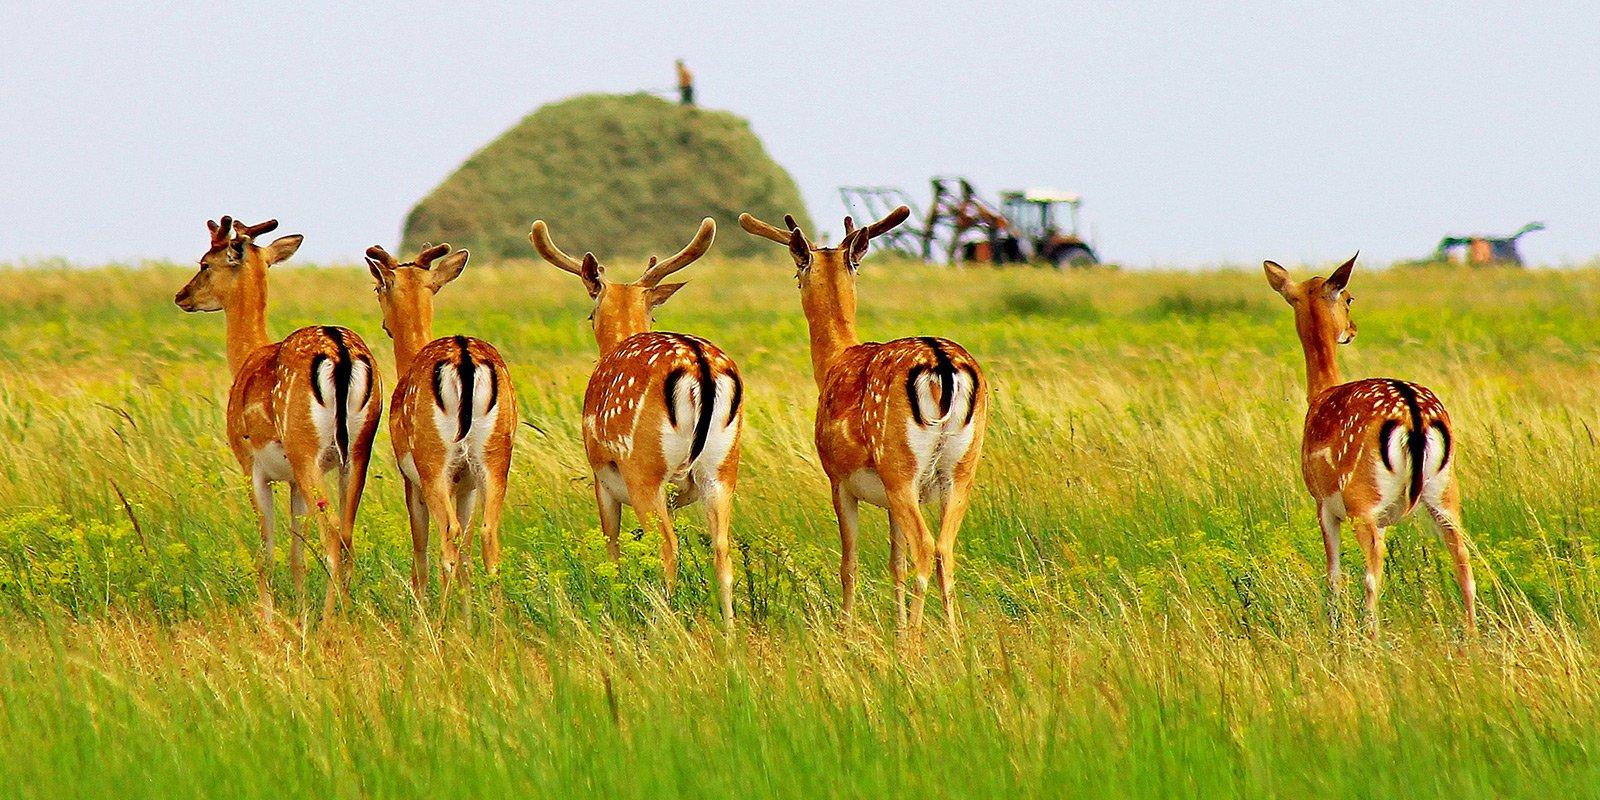 По острову вільно гуляють лані, лисиці, єнотові собаки. Це ідеальне місце для любителів дикої природи.